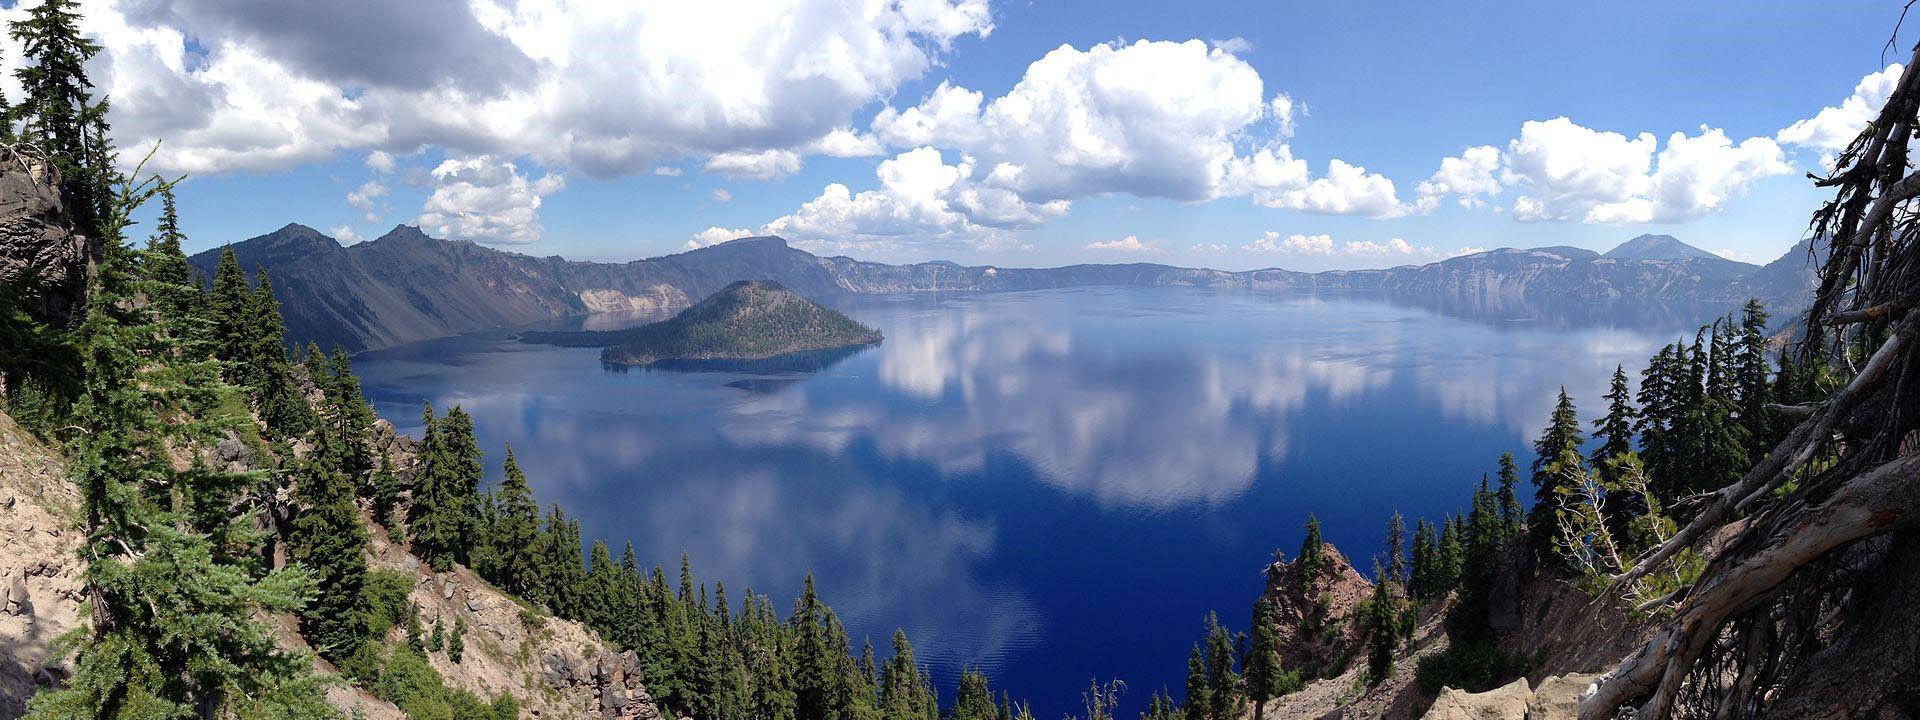 Oregon Cancer Registrar's Association Crater Lake